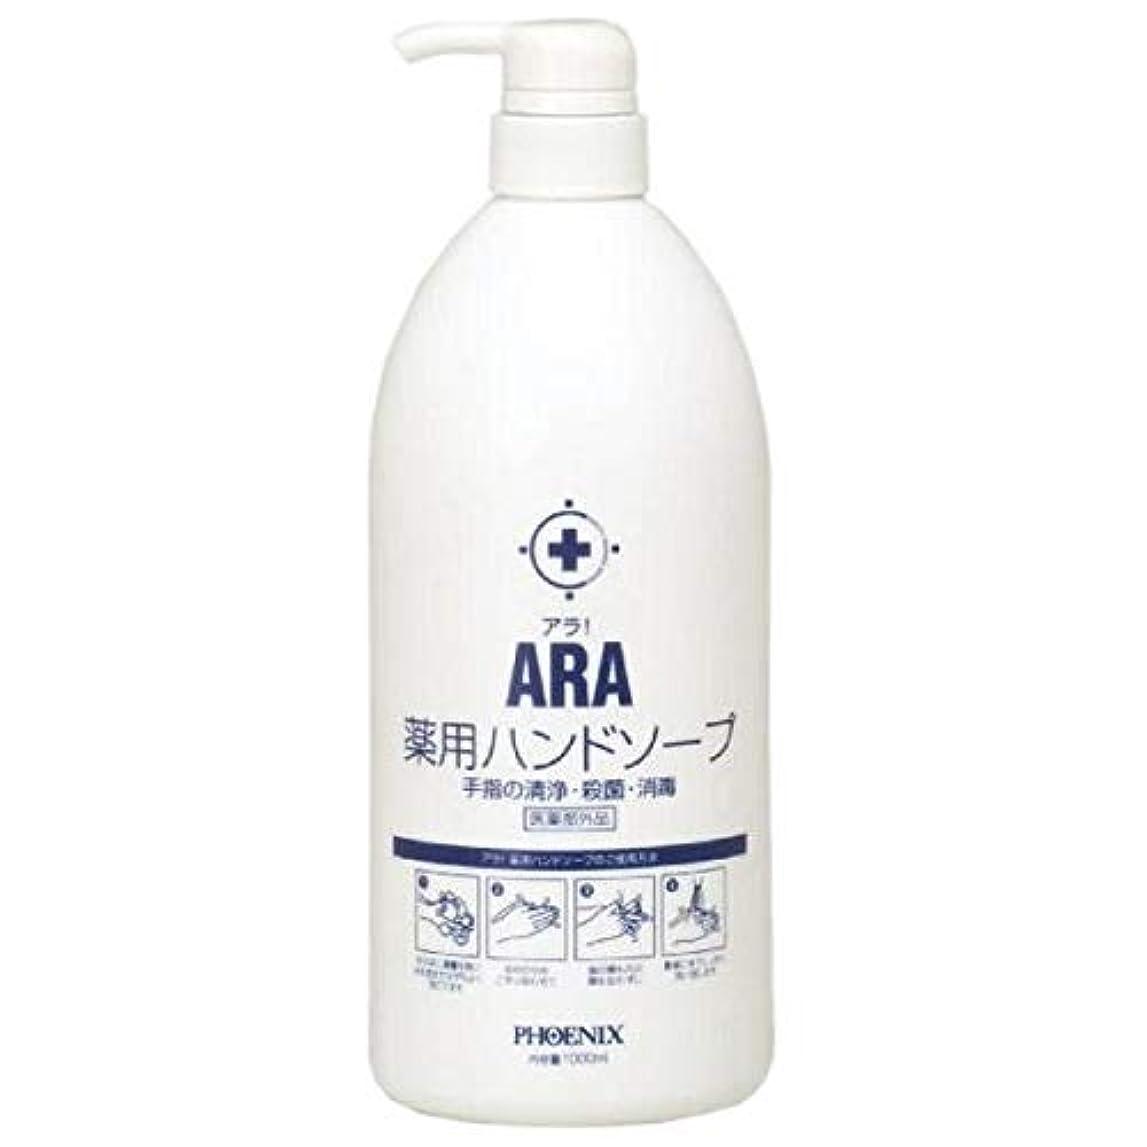 トーン黒板うなるARA 薬用ハンドソープ(ボトルタイプ) 1000ml×10本入